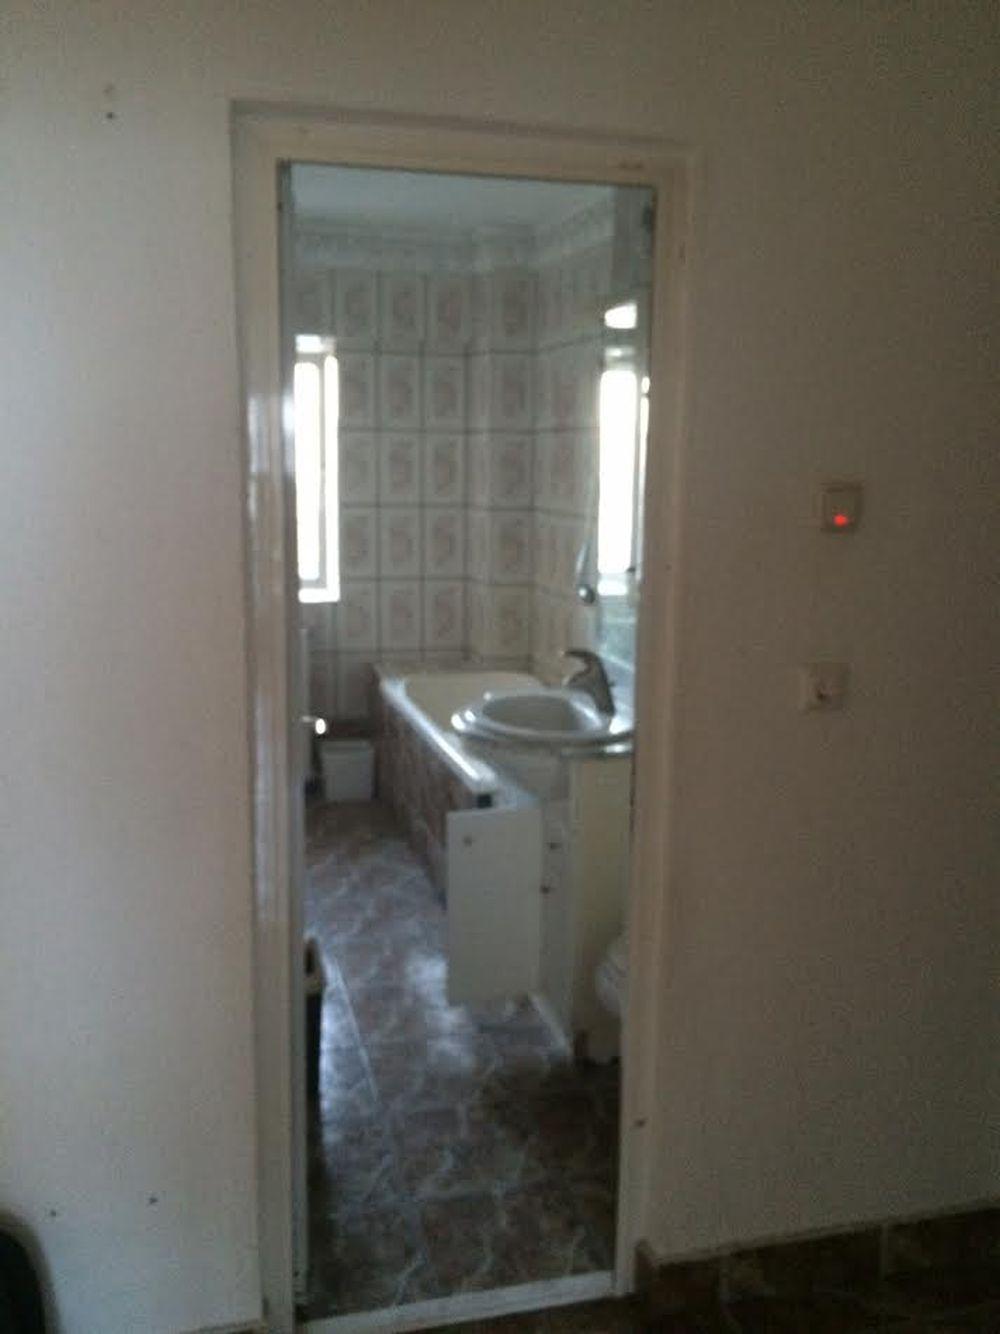 adelaparvu-com-despre-apartament-3-camere-bucuresti-reamenajat-poze-inainte-7